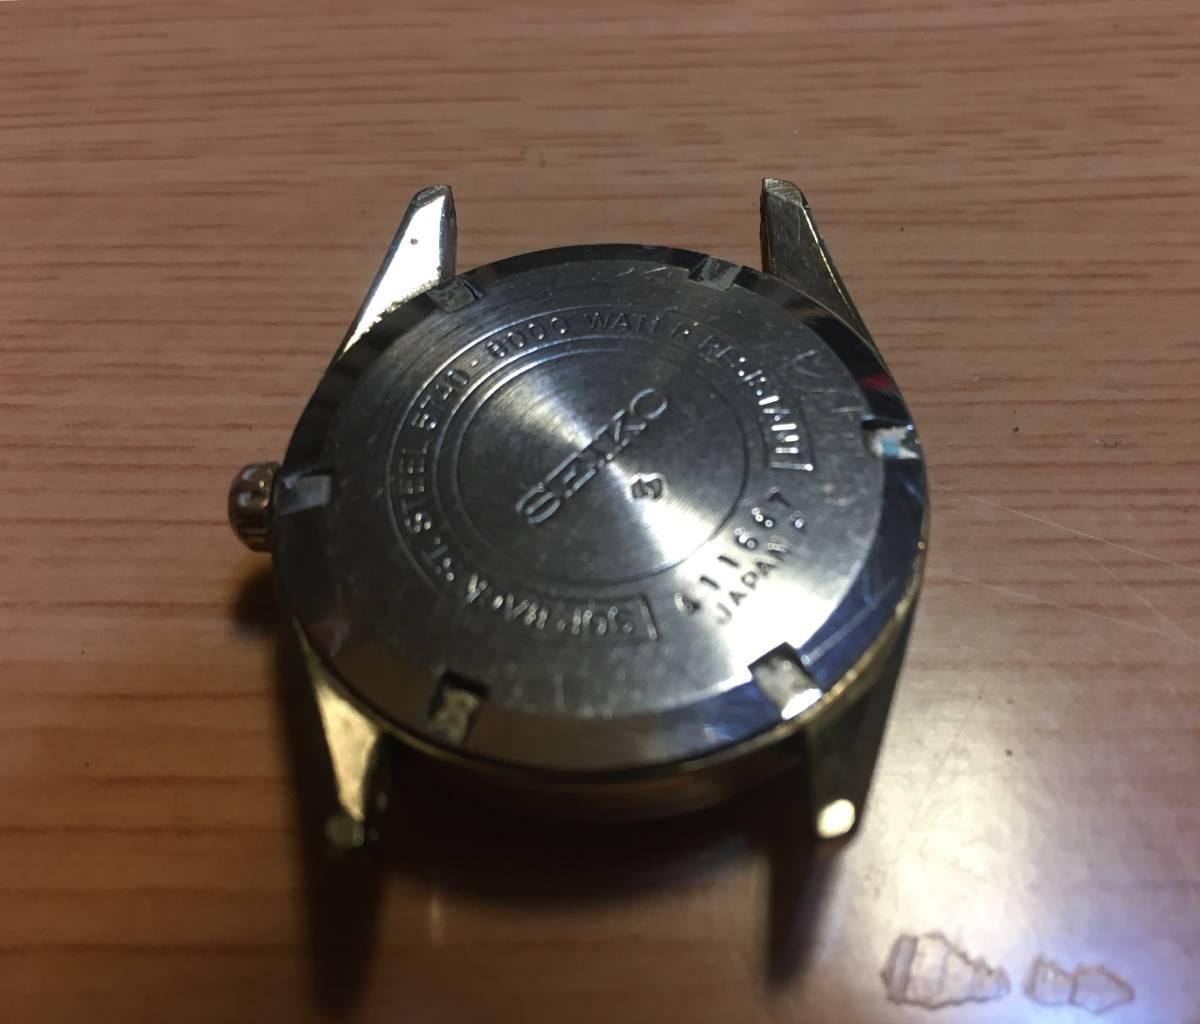 セイコー 機械時計ロードマーベル中古現状品_画像2